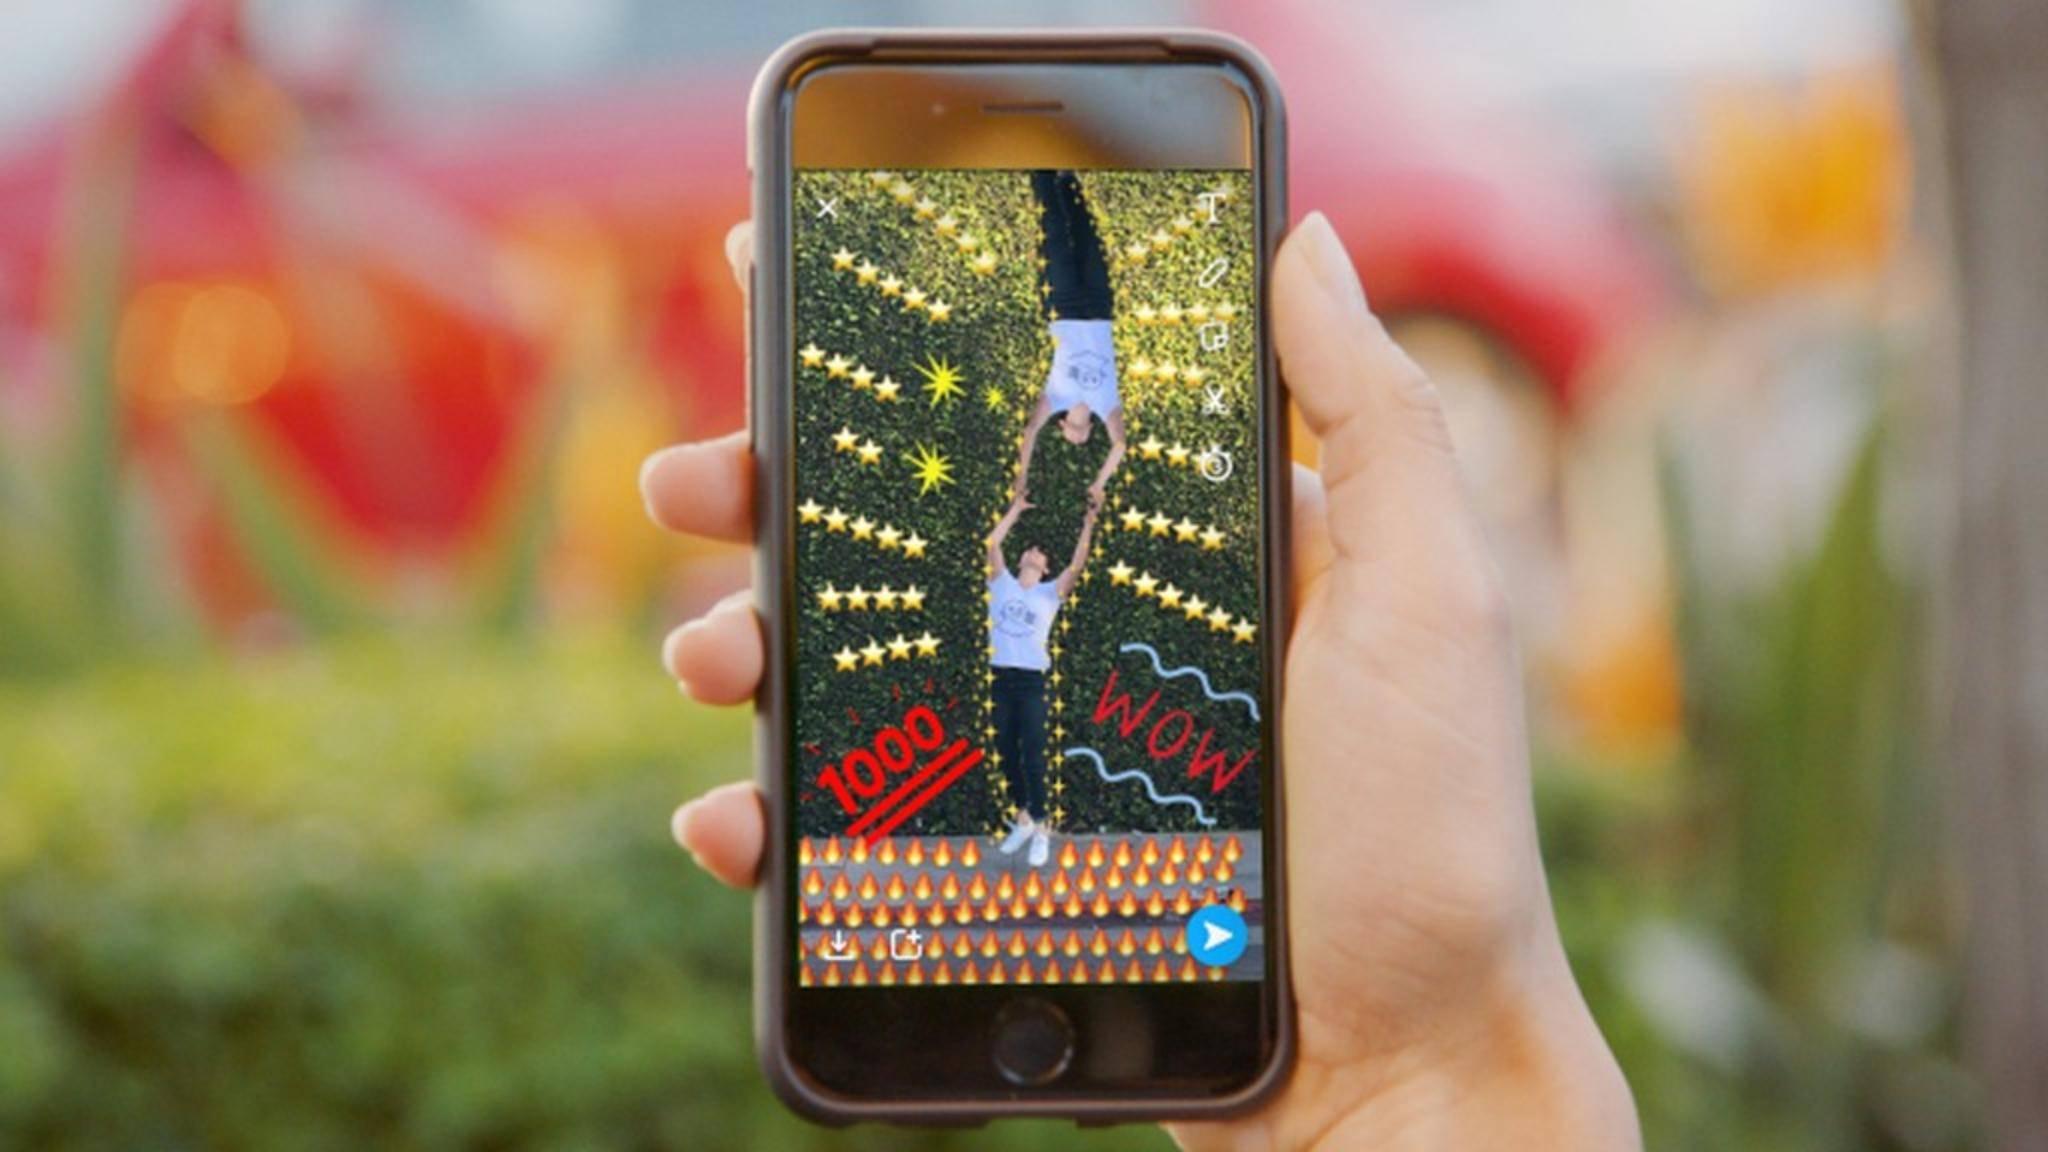 Wer in Snapchat viele bunte Bilder sendet, kann dadurch Trophäen erringen.